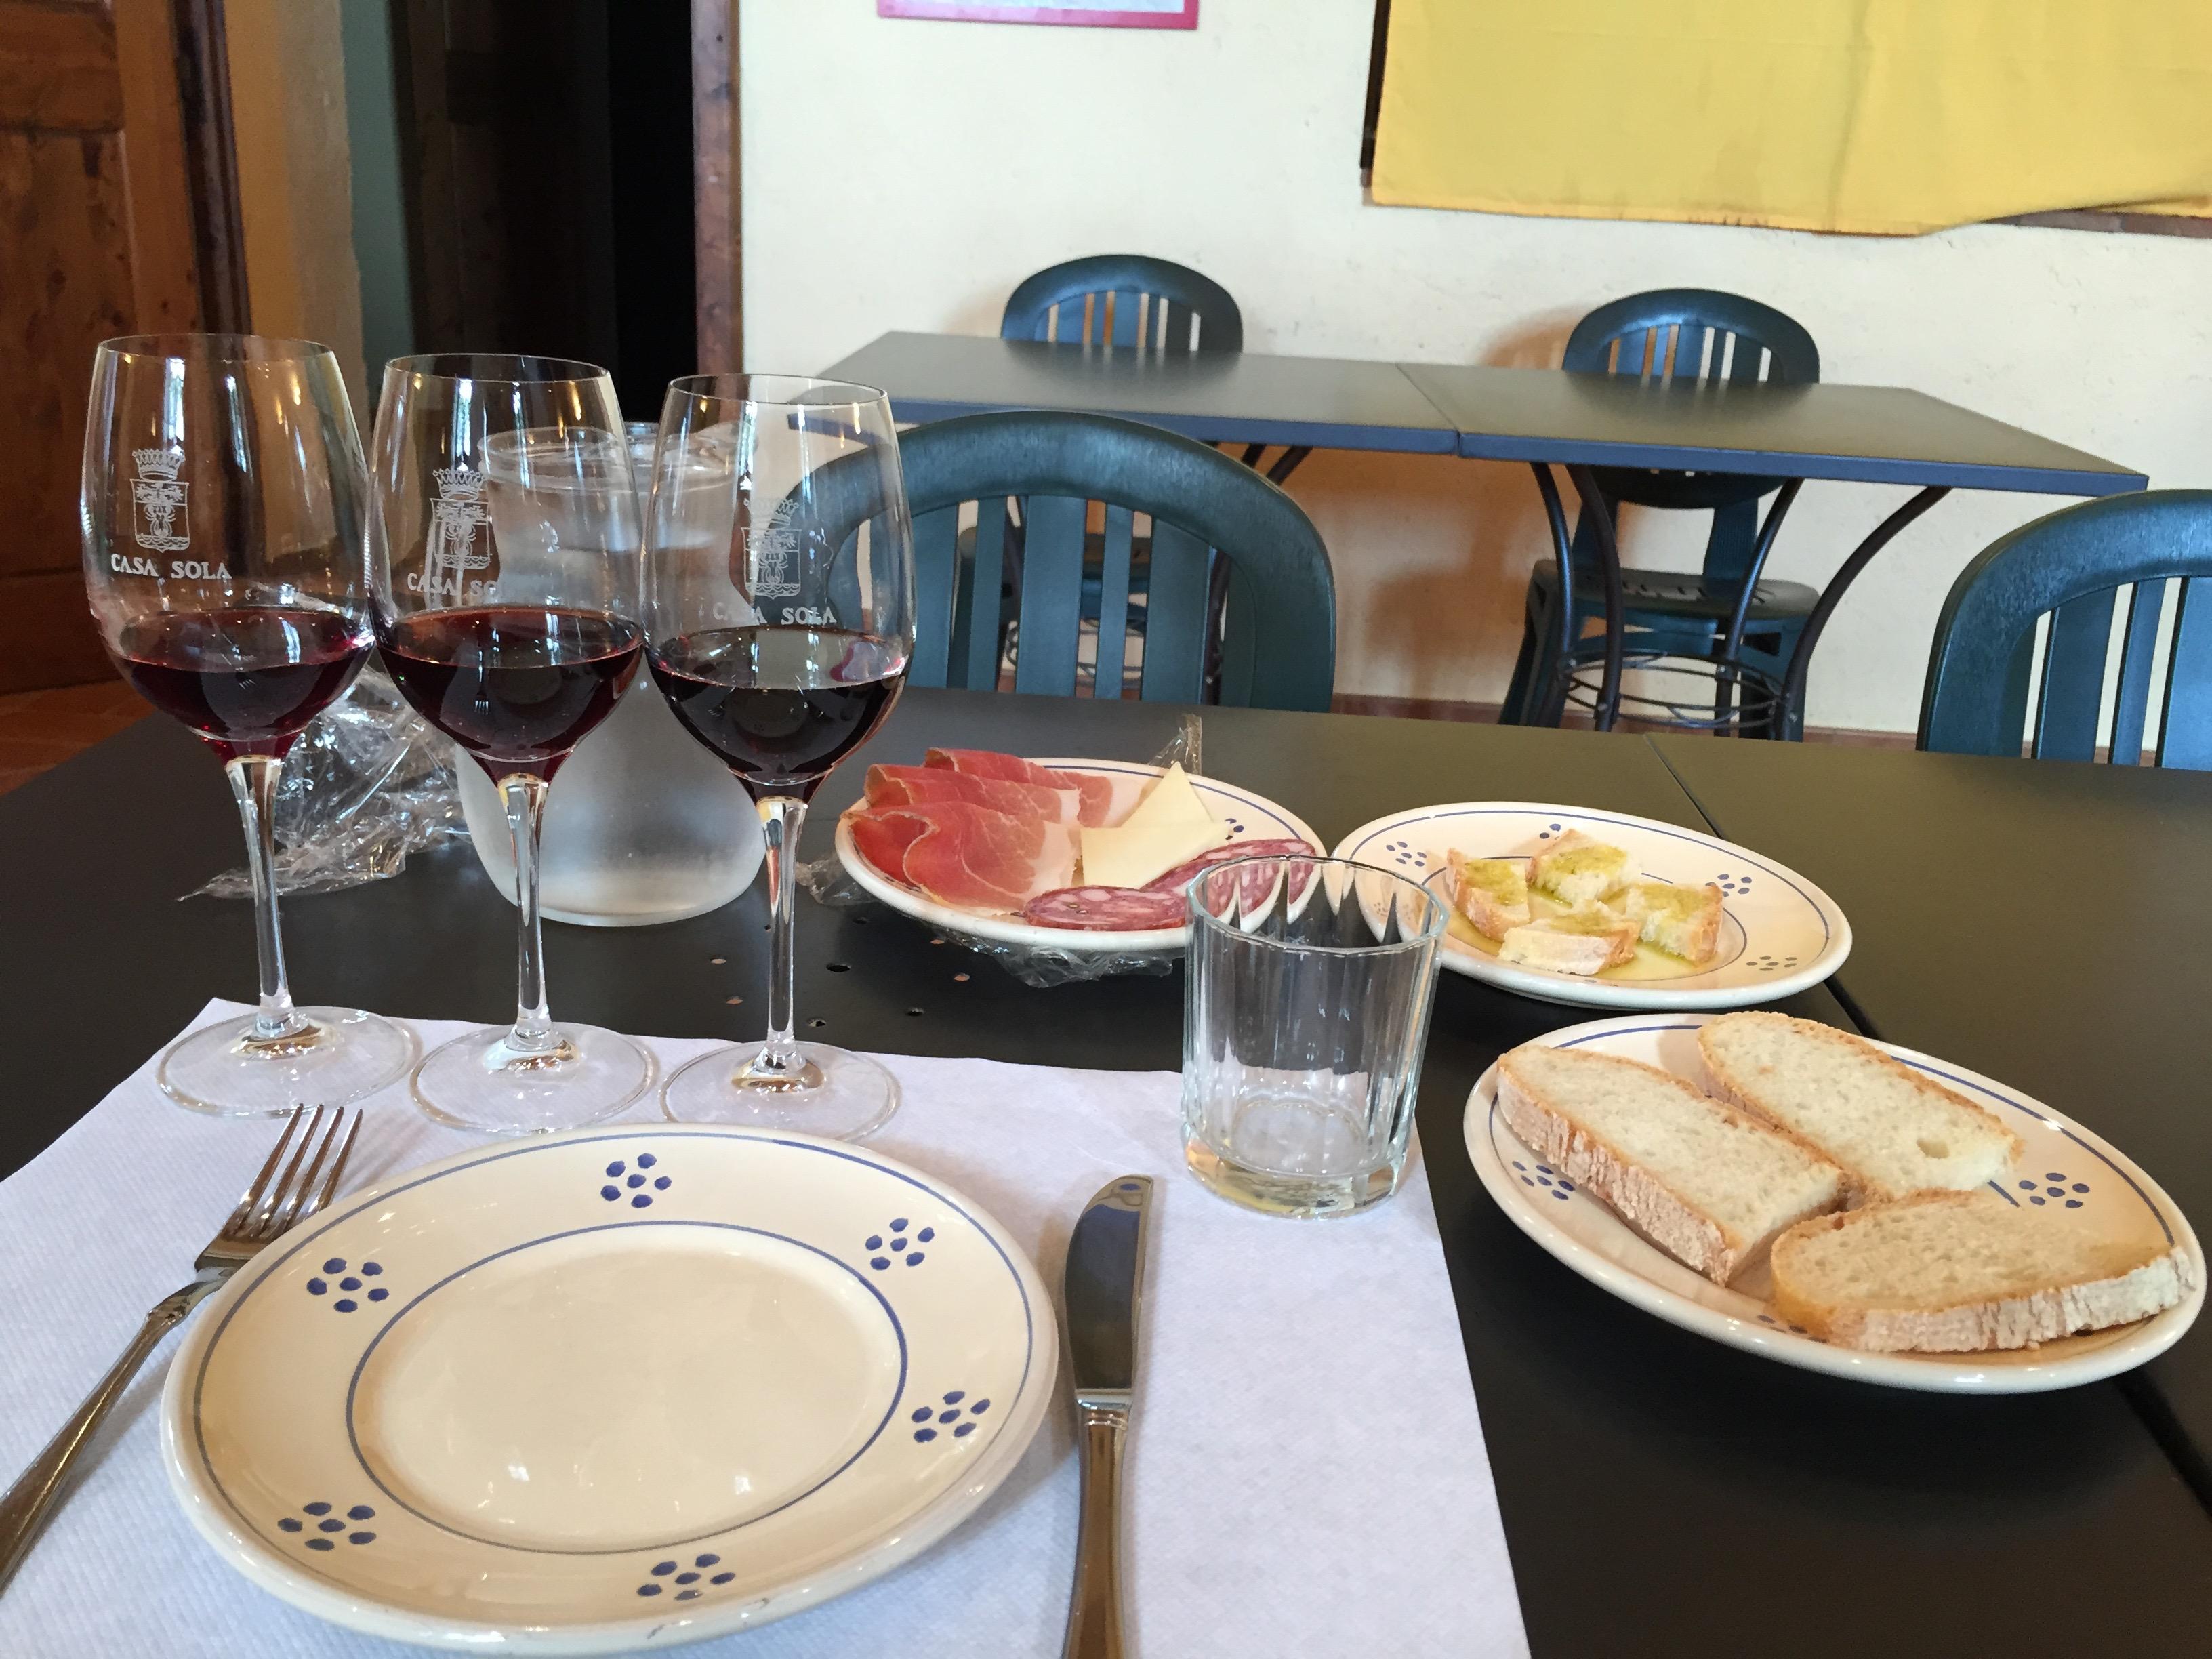 Sampling wine at Barbino Val d'Elsa